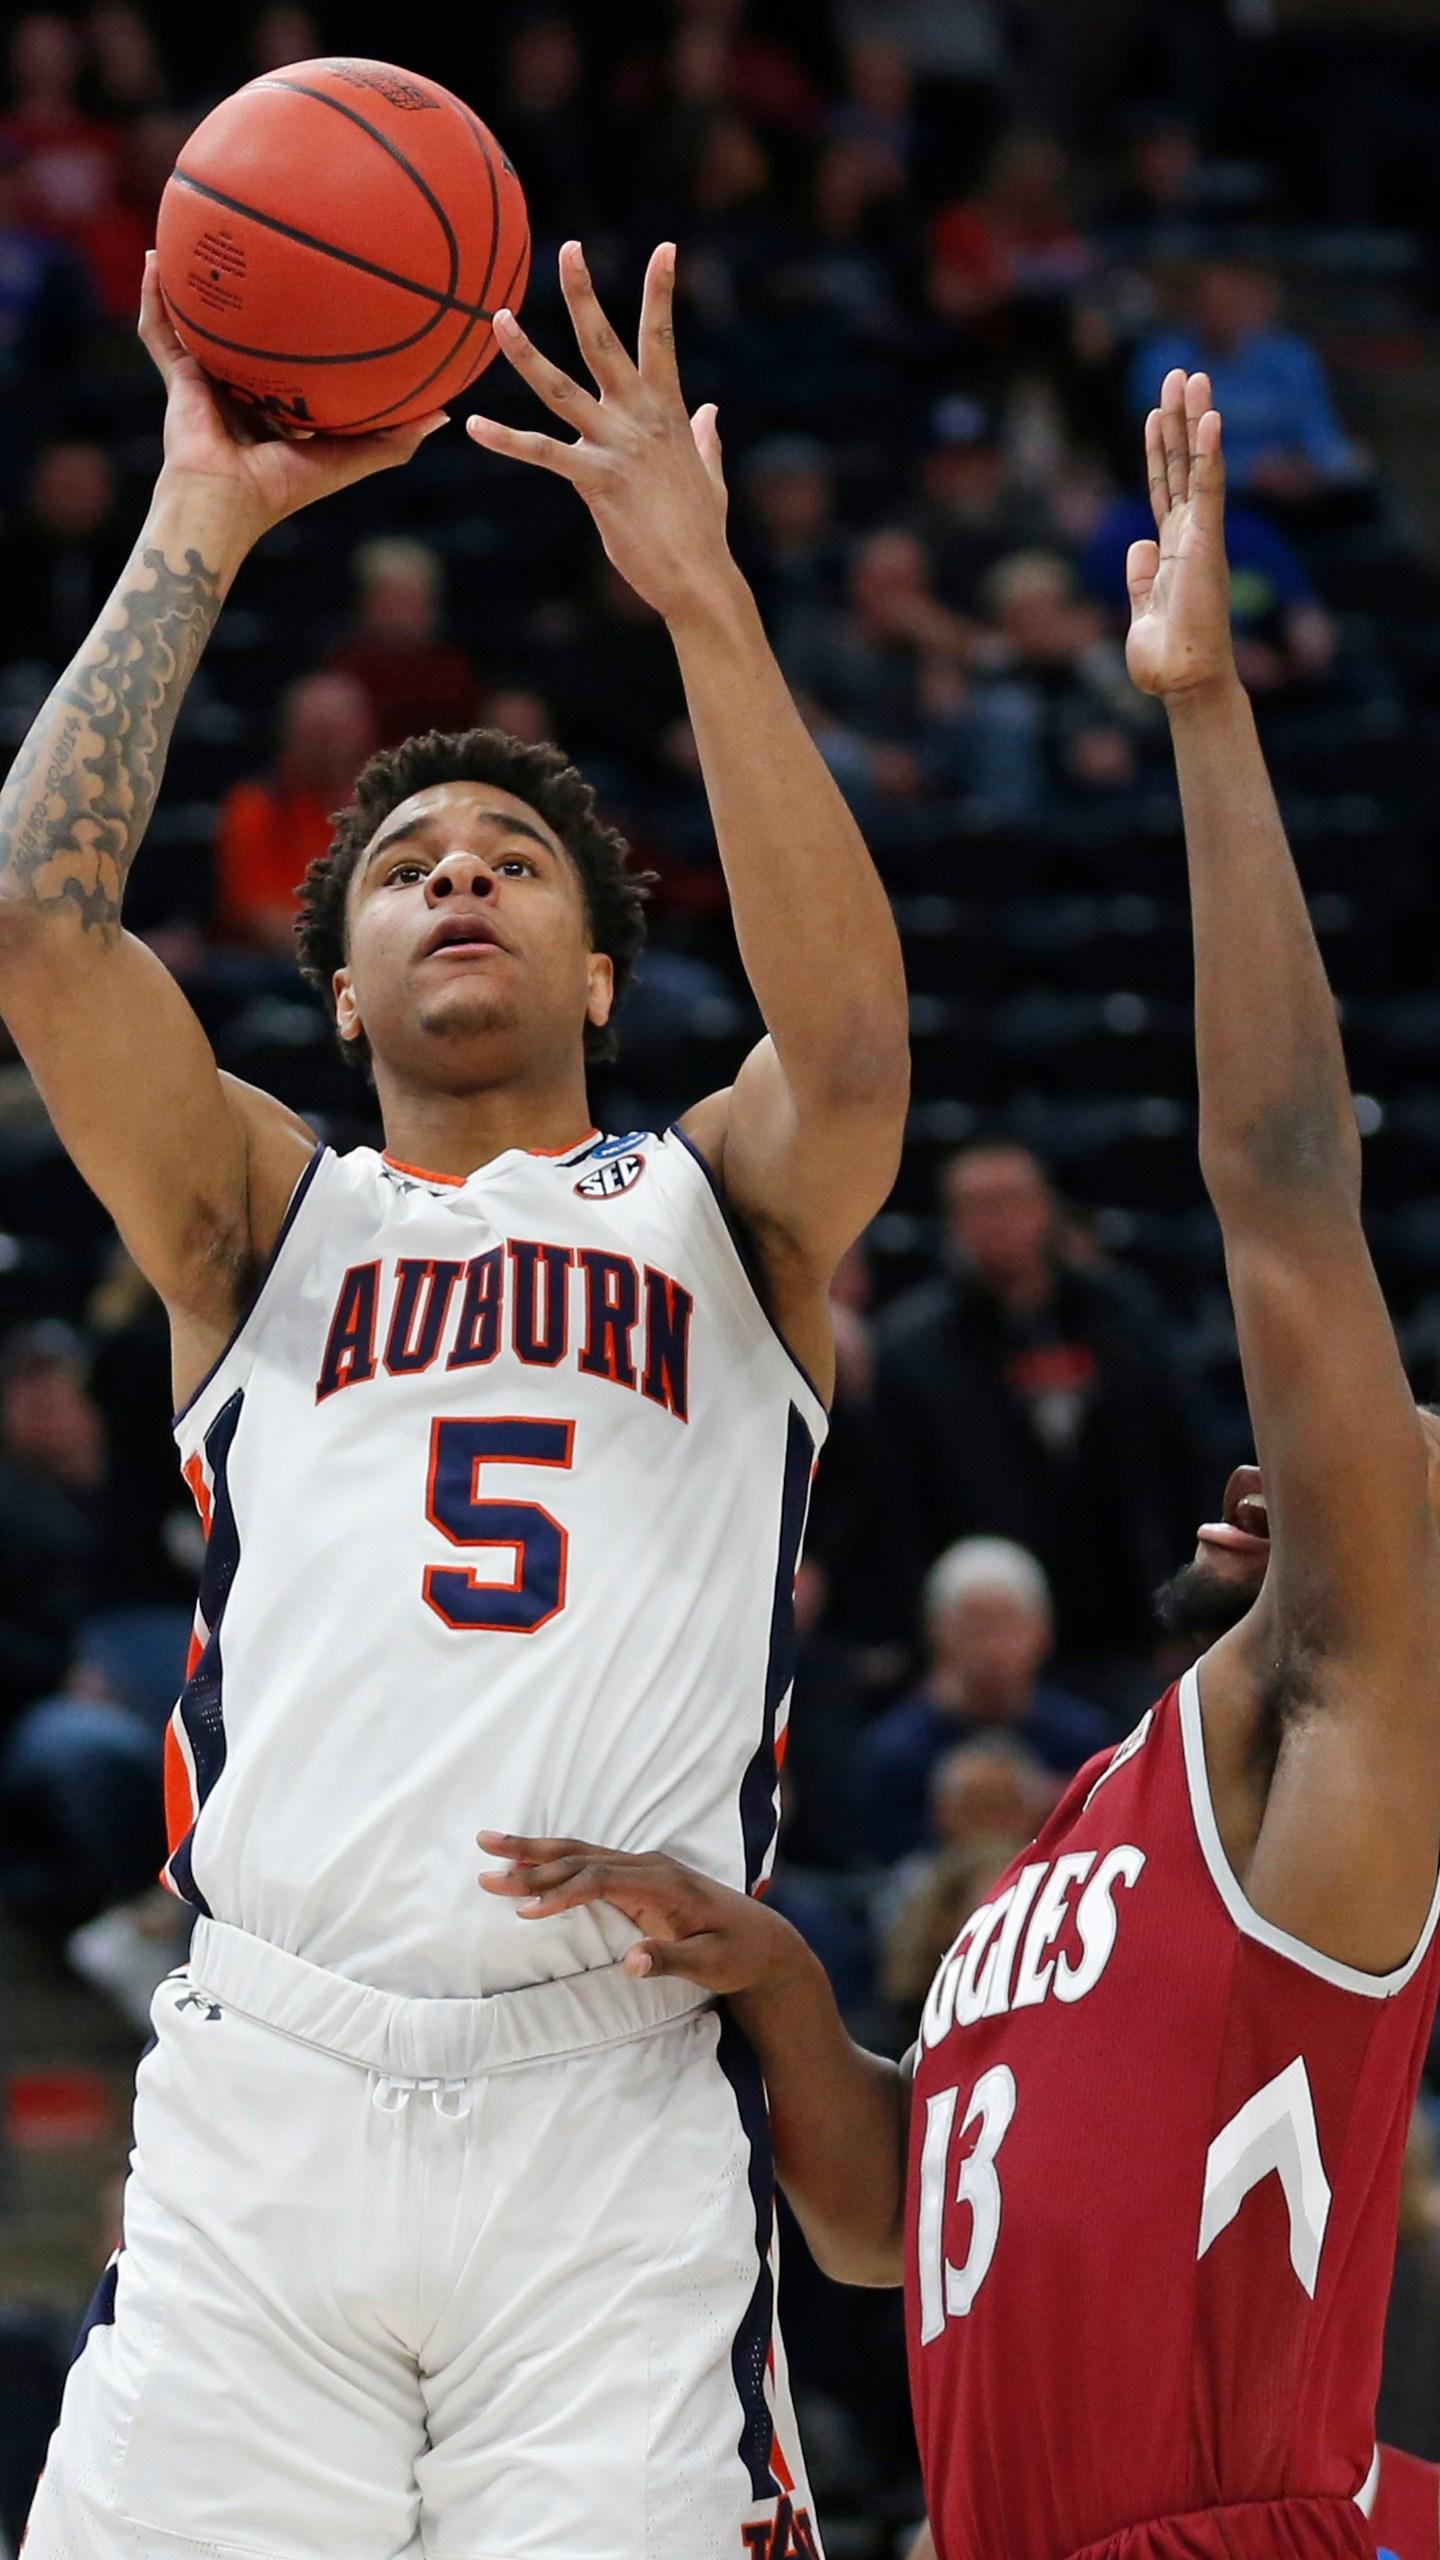 NCAA New Mexico St Auburn Basketball_1553202570767-118809330